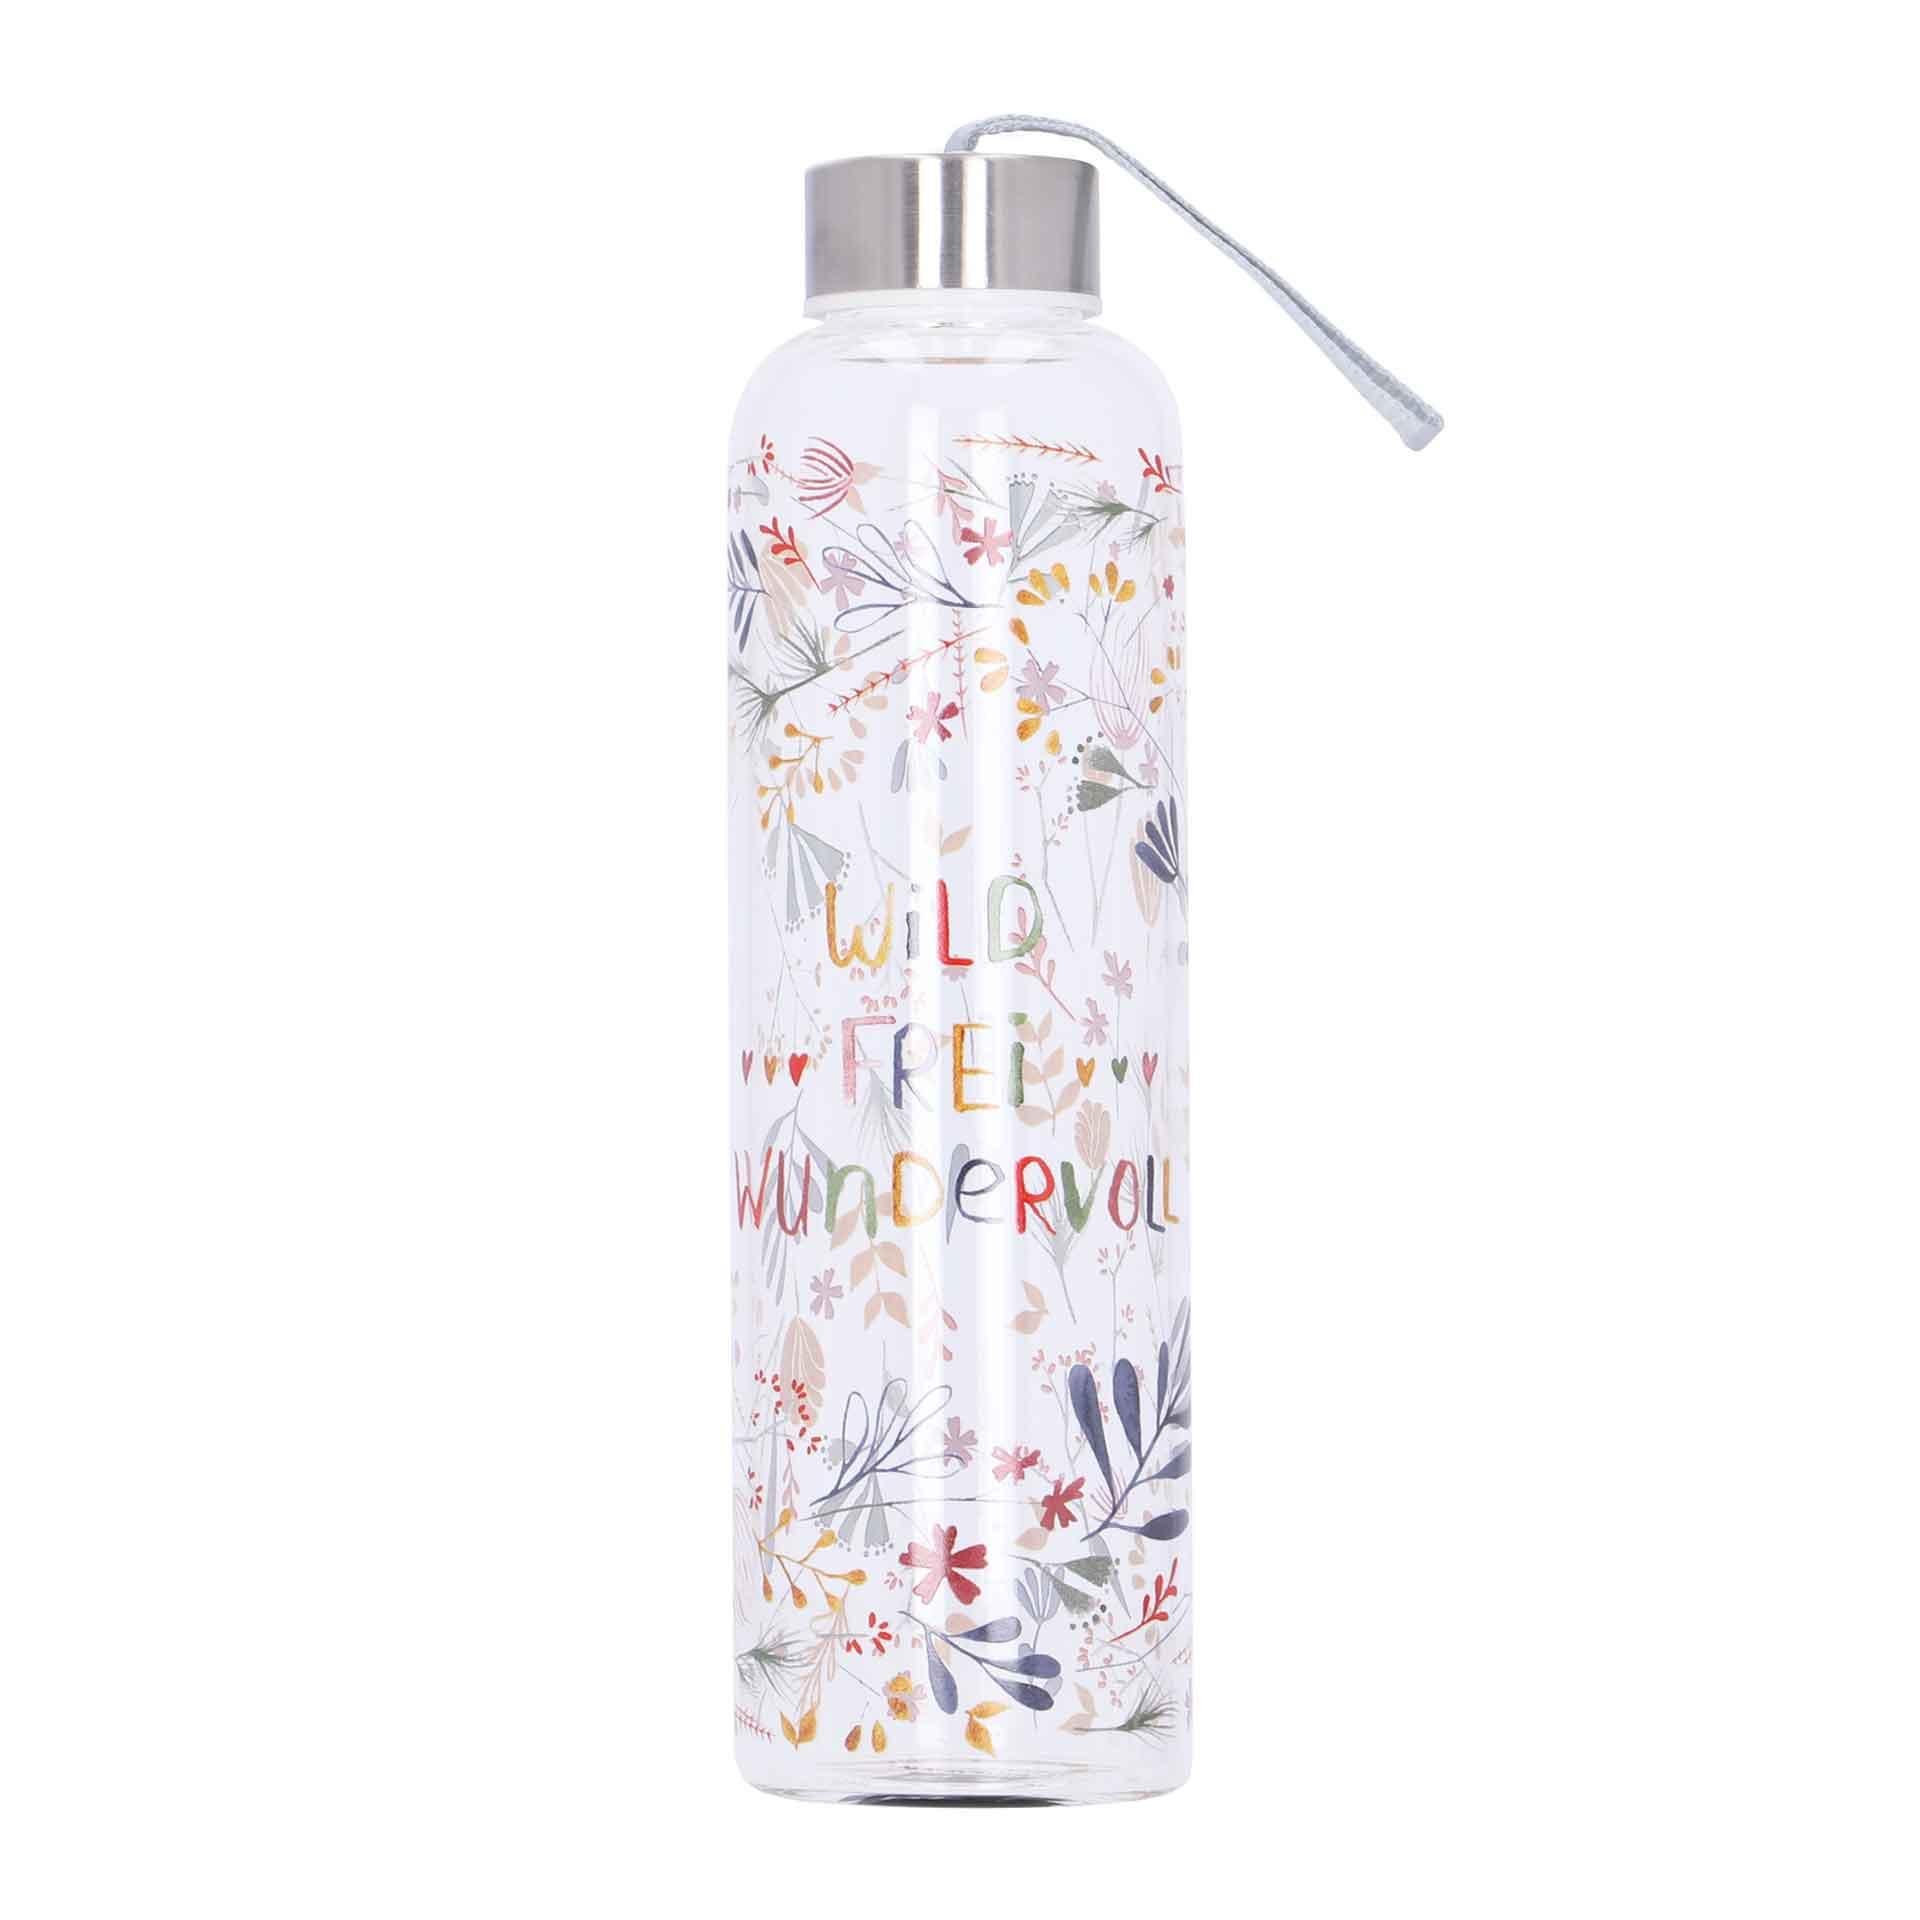 LEOKA Paperproducts Design Glas-Flasche wild frei wundervoll